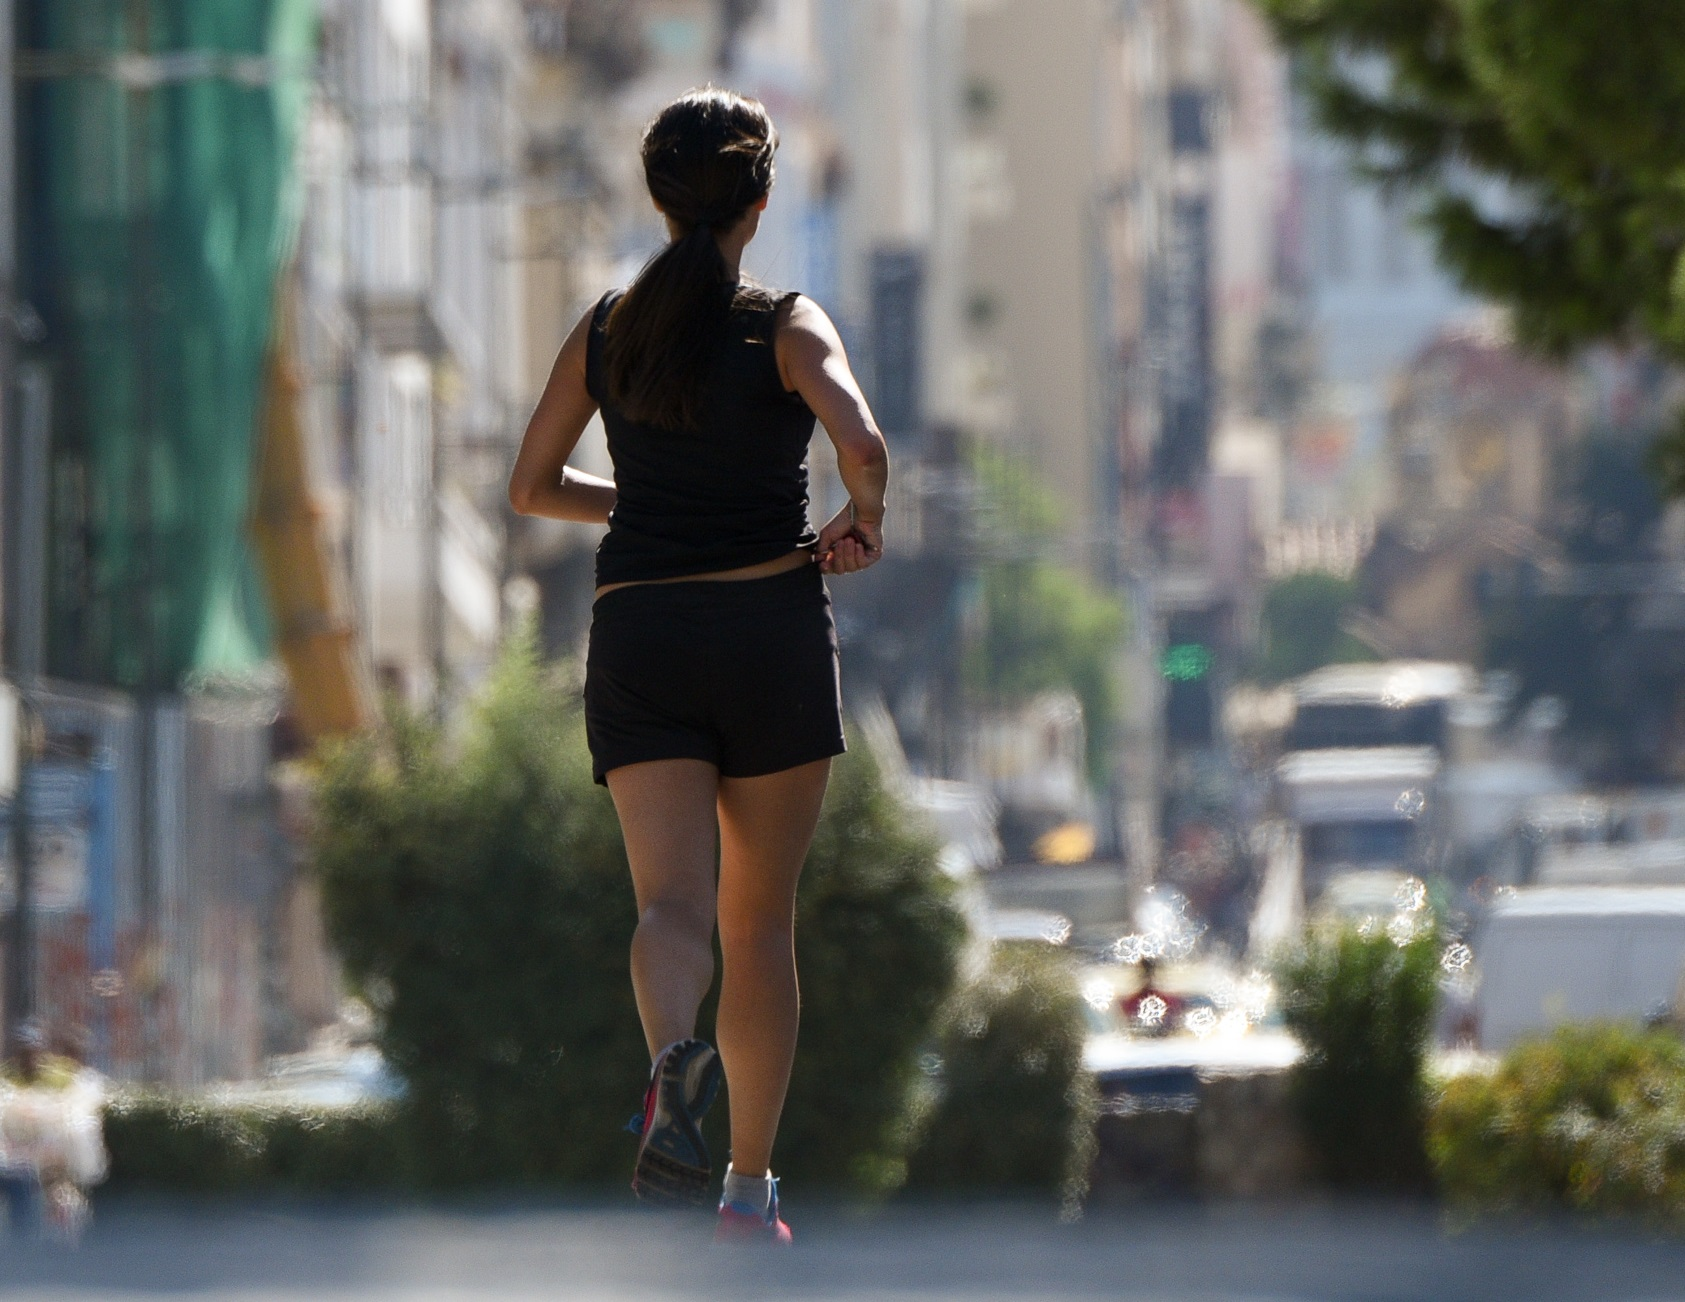 κοπέλα τρέχει